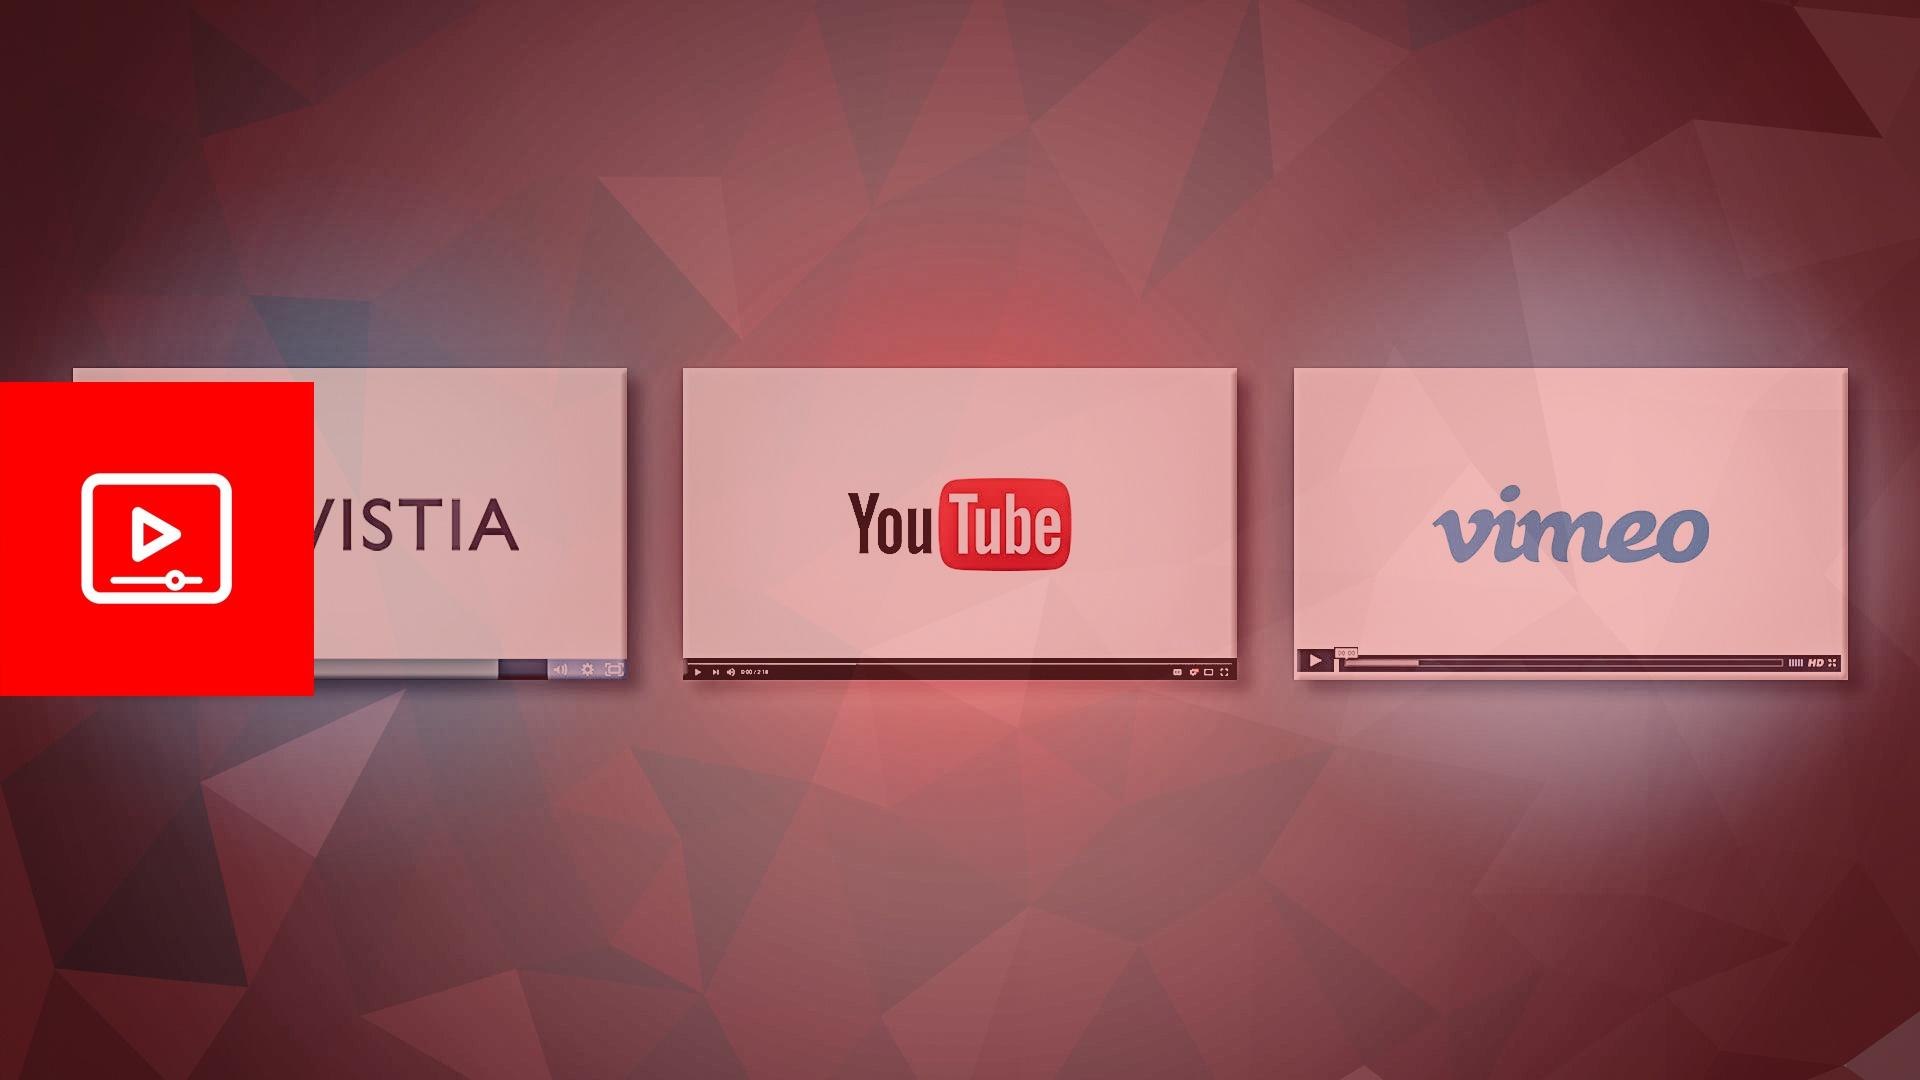 4---The-Battle-of-Hosting-Platforms-1.jpg